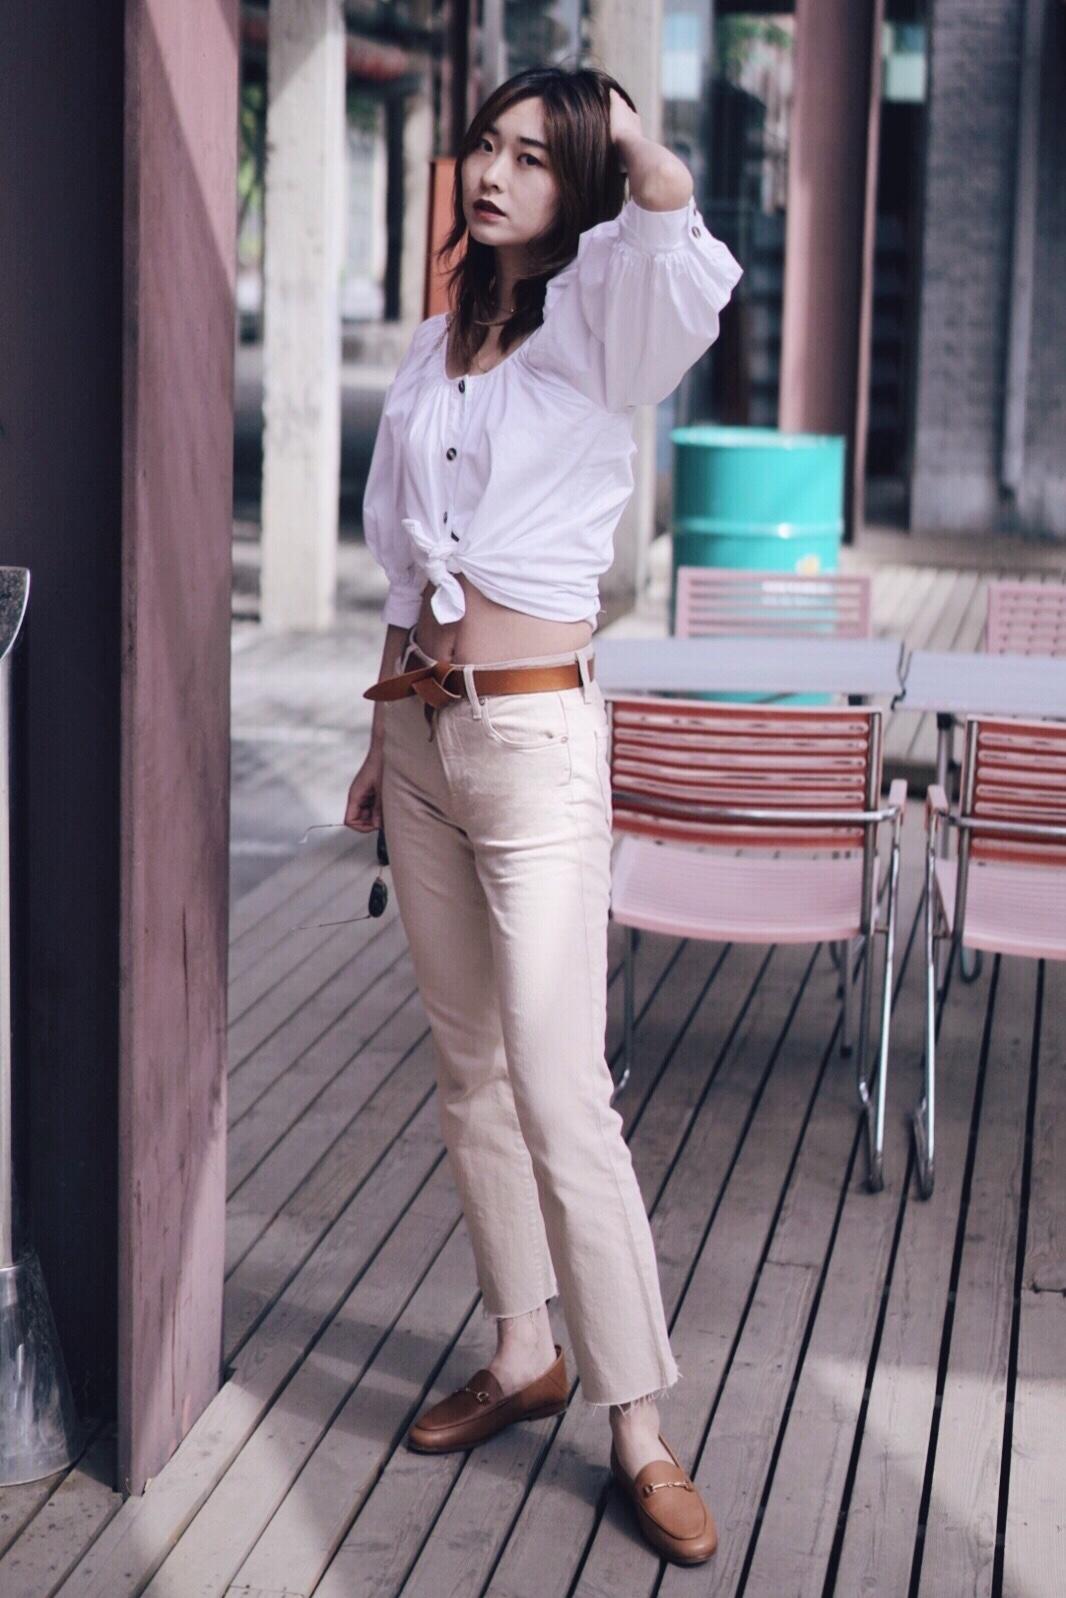 #30℃入夏穿搭示范# 天气越来越热了 气质奶茶穿搭上线  👕上衣是非常喜欢的LPA 在简洁的设计中有很有小心机 比如比较宽大的泡泡袖设计 很有法式风情的味道 我更喜欢讲衣服下摆做一个打结的处理 提高身材比较 漏出腰部线条  👖第一次尝试穿裸色牛仔裤 意外的好看 气质满满 这条裤子来自新晋品牌trave 早早就种草了他家牛仔裤 据说非常适合亚洲人身型 这次入手的这条很惊喜 材质柔软 版型修身  🥿鞋子新入手乐福鞋 巨巨巨好穿 推荐给大家 包包是vintage lv 颜色和整体look还蛮和谐的